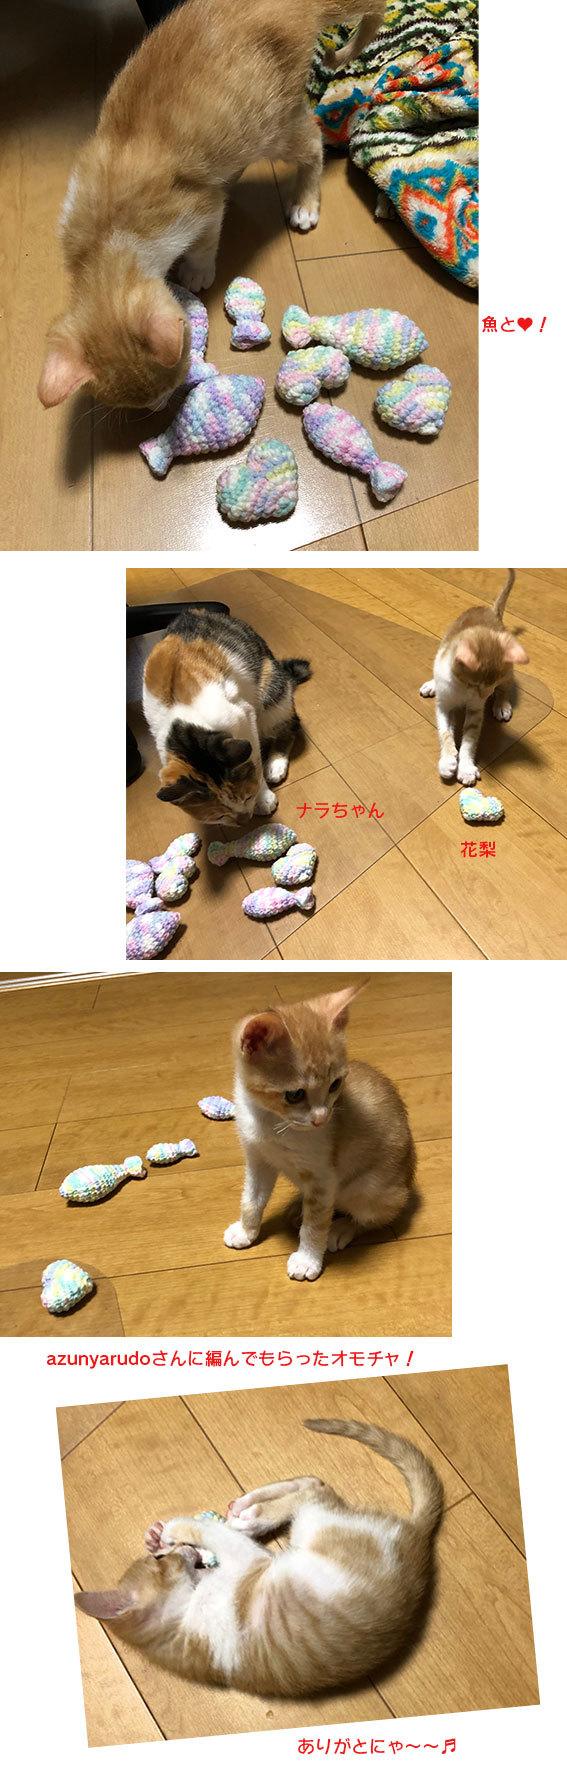 子猫のオモチャ&シュシュとアンジュ&ヨモギとフースケ&ミミちゃん通信_d0071596_23224940.jpg